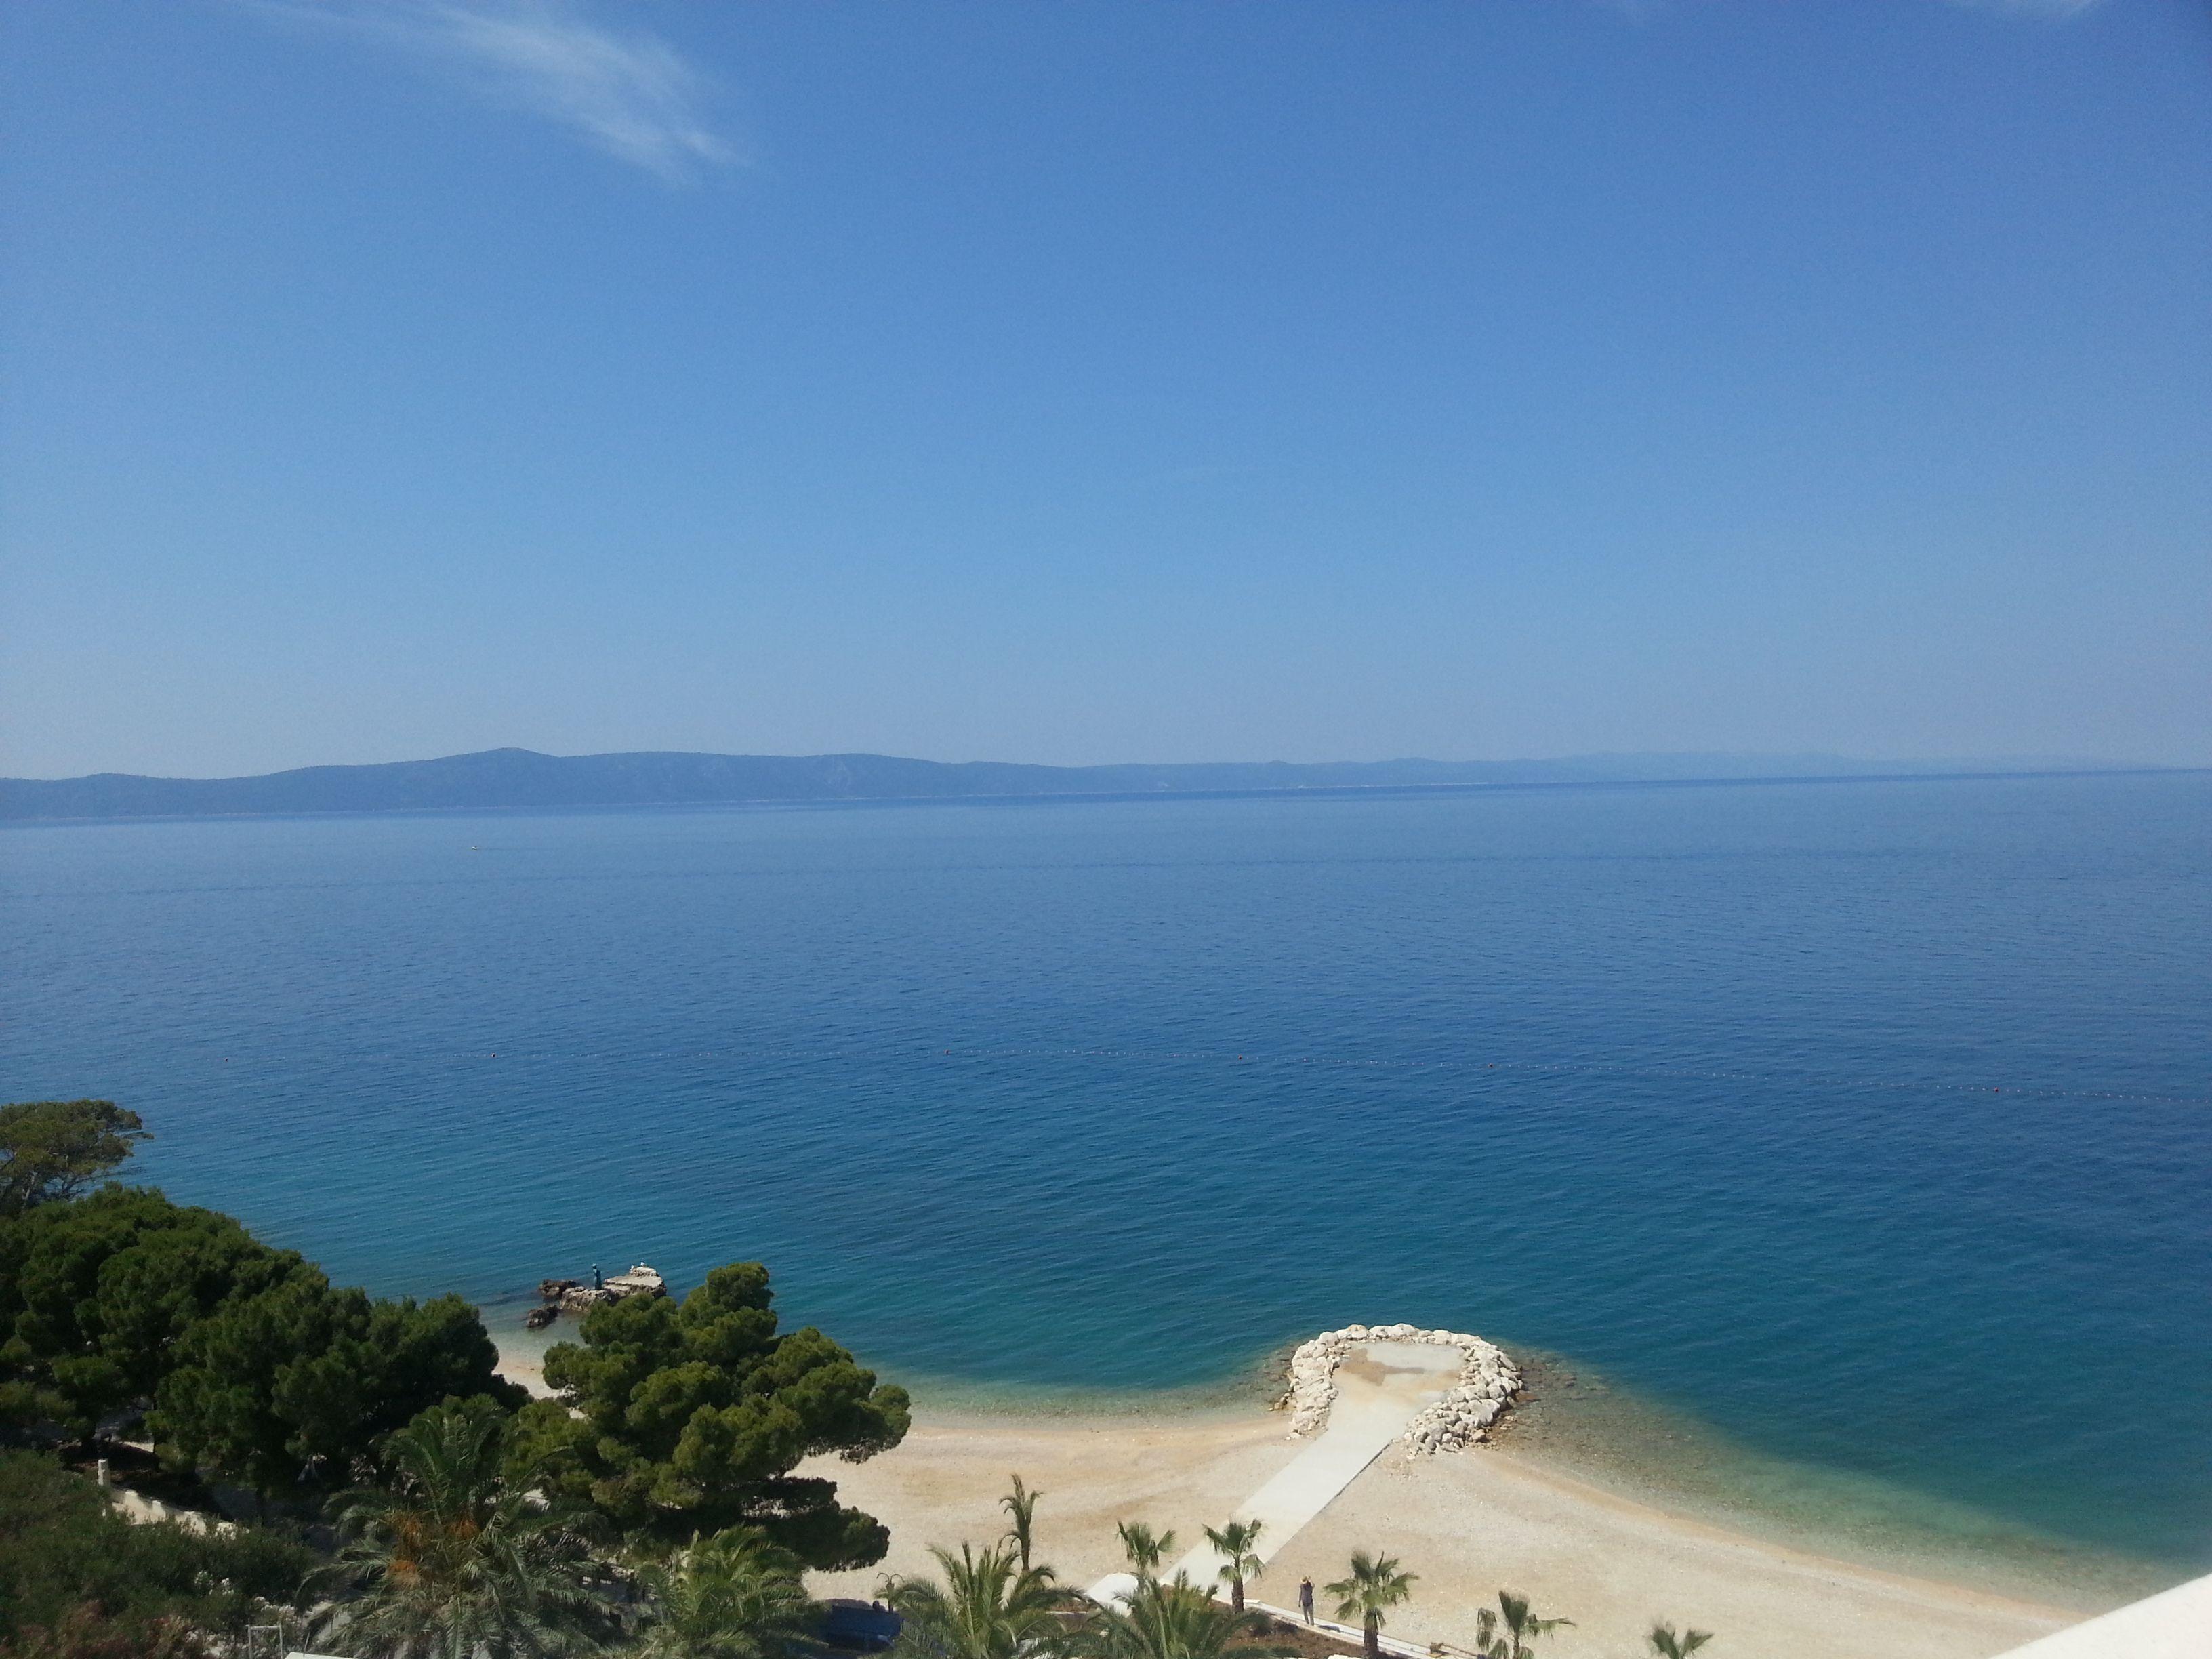 Hotelski smještaj u Podgori savršen je odbar onih koji žele bezbrižno uživati u ljetu i odmoru. https://medorahotels.com/hr/medora-auri-family-beach-resort/